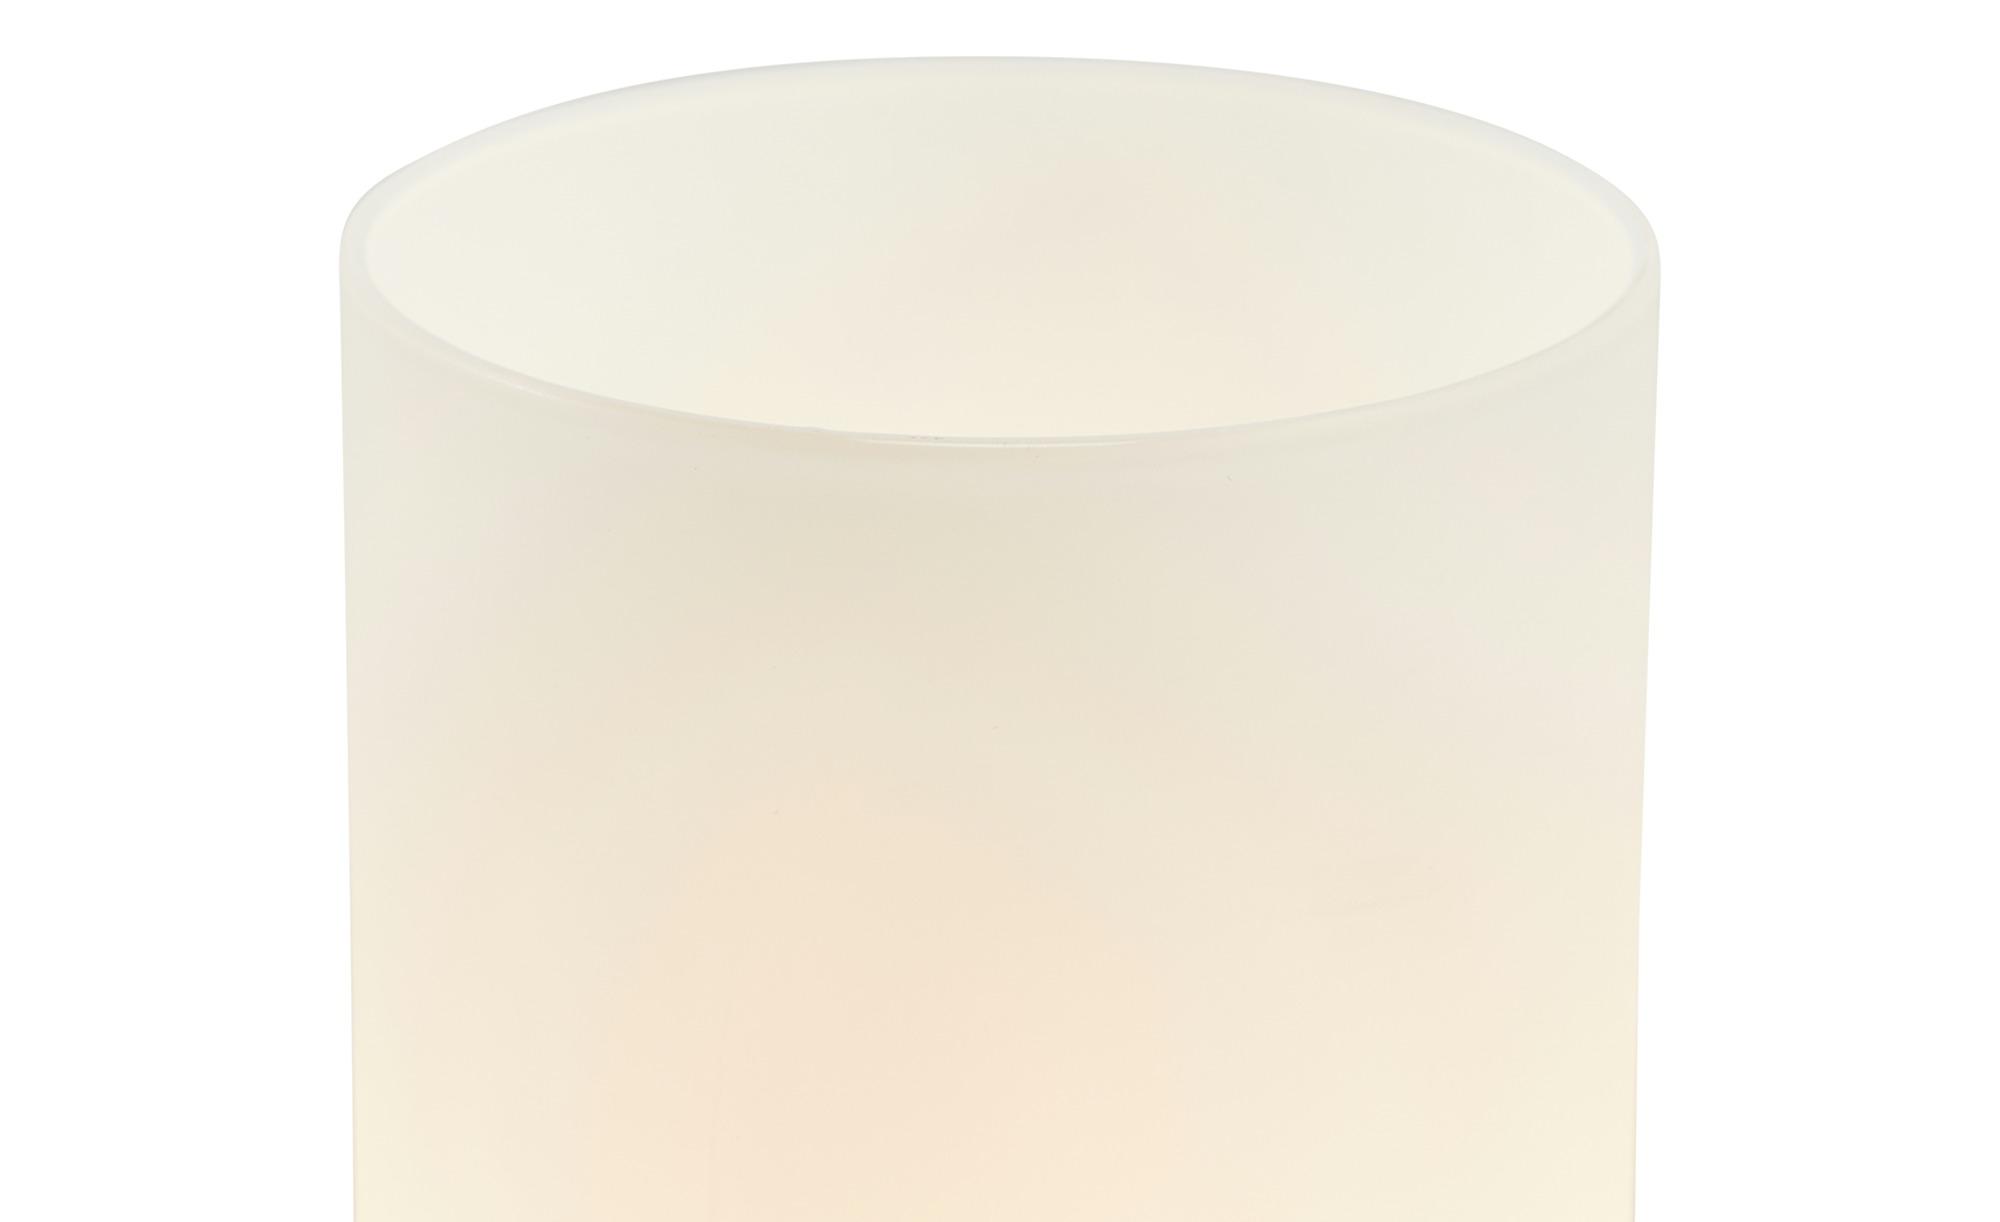 KHG Tischleuchte, 1-flammig, Zylinderform Glas weiß ¦ weiß ¦ Maße (cm): H: 25,5 Ø: 10 Lampen & Leuchten > Innenleuchten > Tischlampen - Höffner